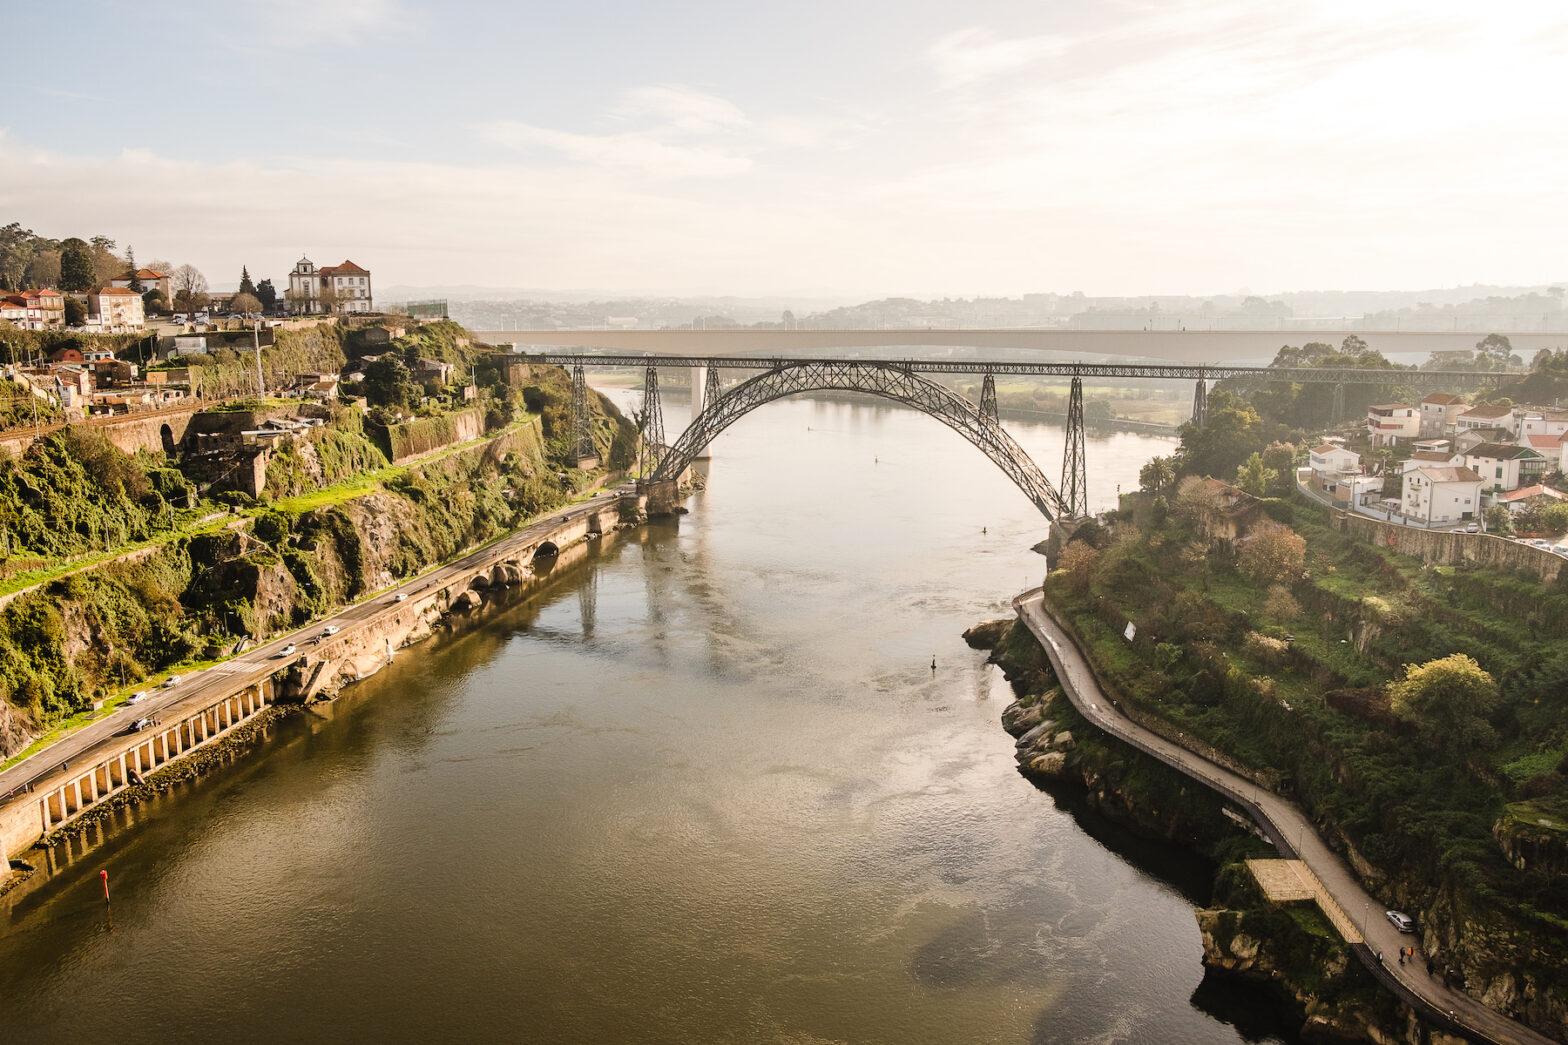 porto bridges image 1